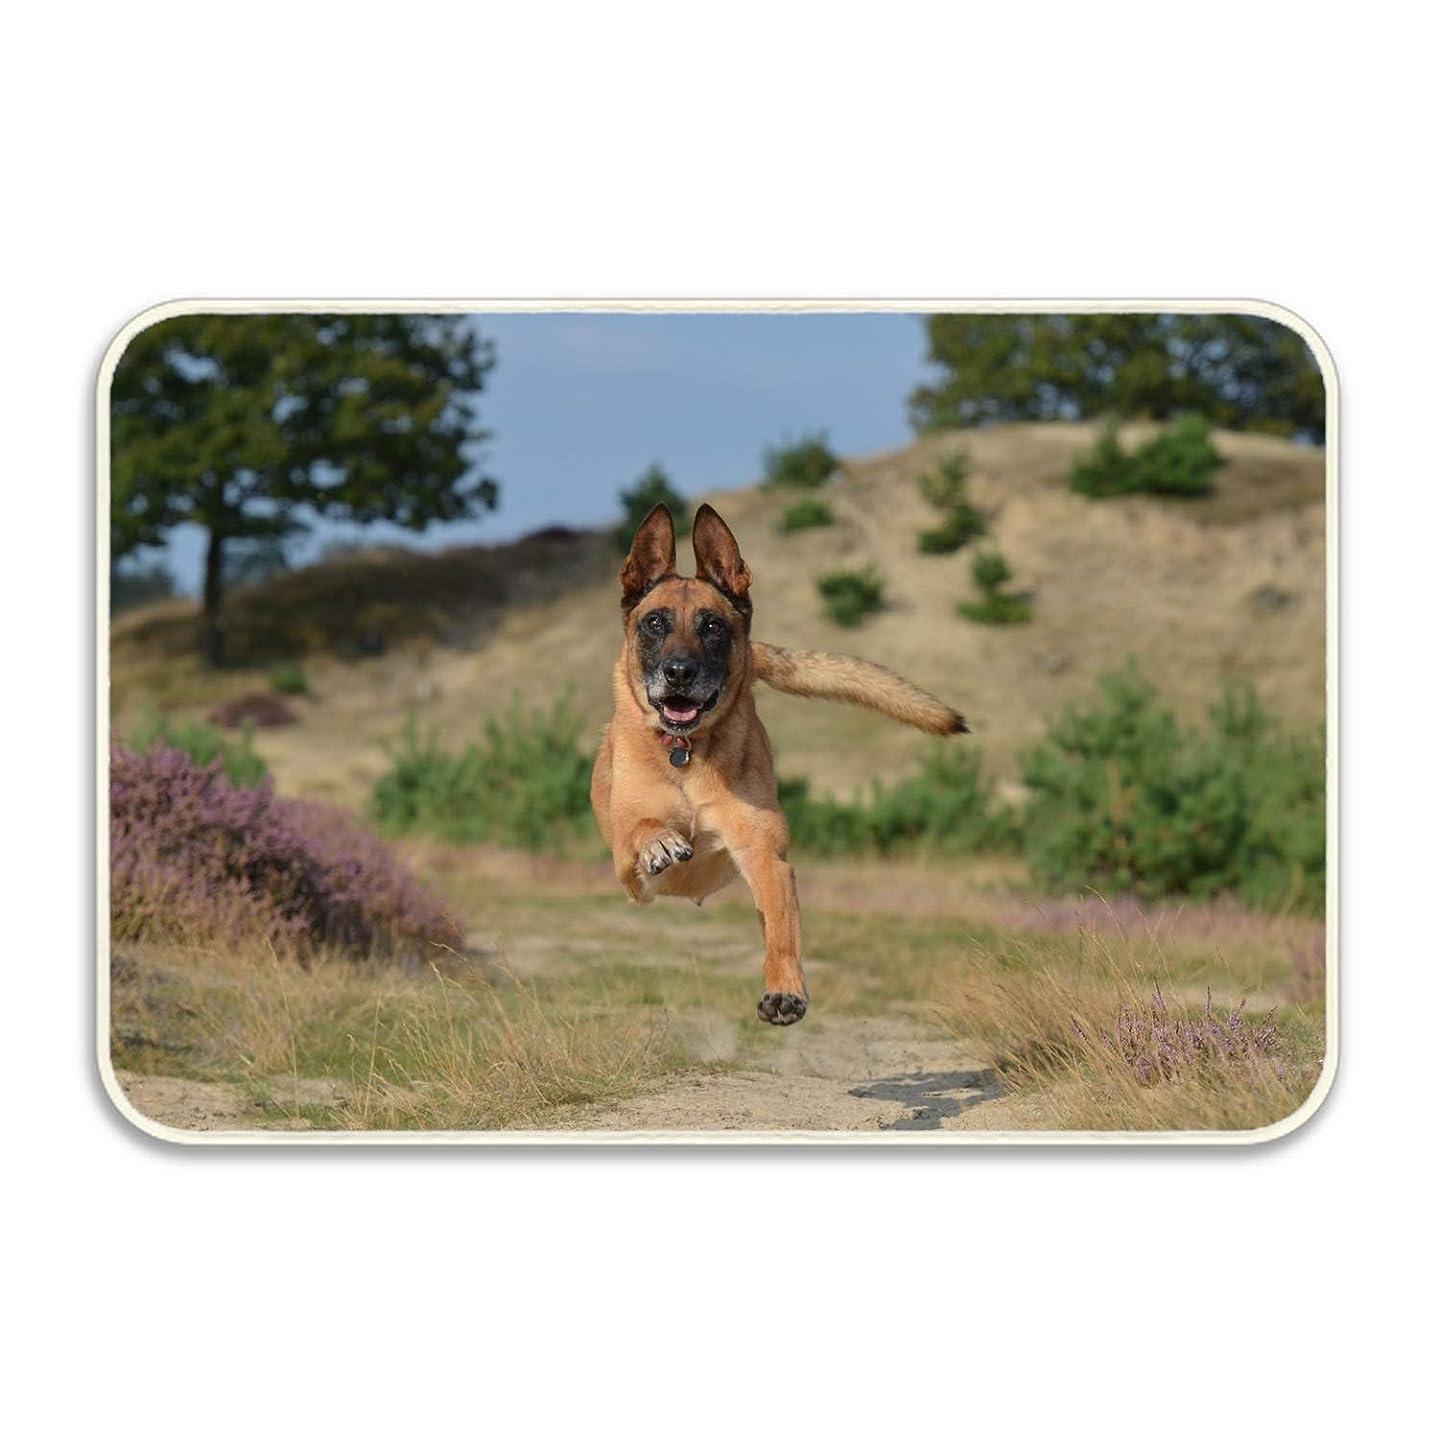 寝てるリングアメリカ玄関マット 泥落としマット 走っている羊飼いの犬 40×60cm 50×80cm 屋外 屋内 廊下 キッチン カーペット ドアマット 滑り止め付き 折りたたみ可能